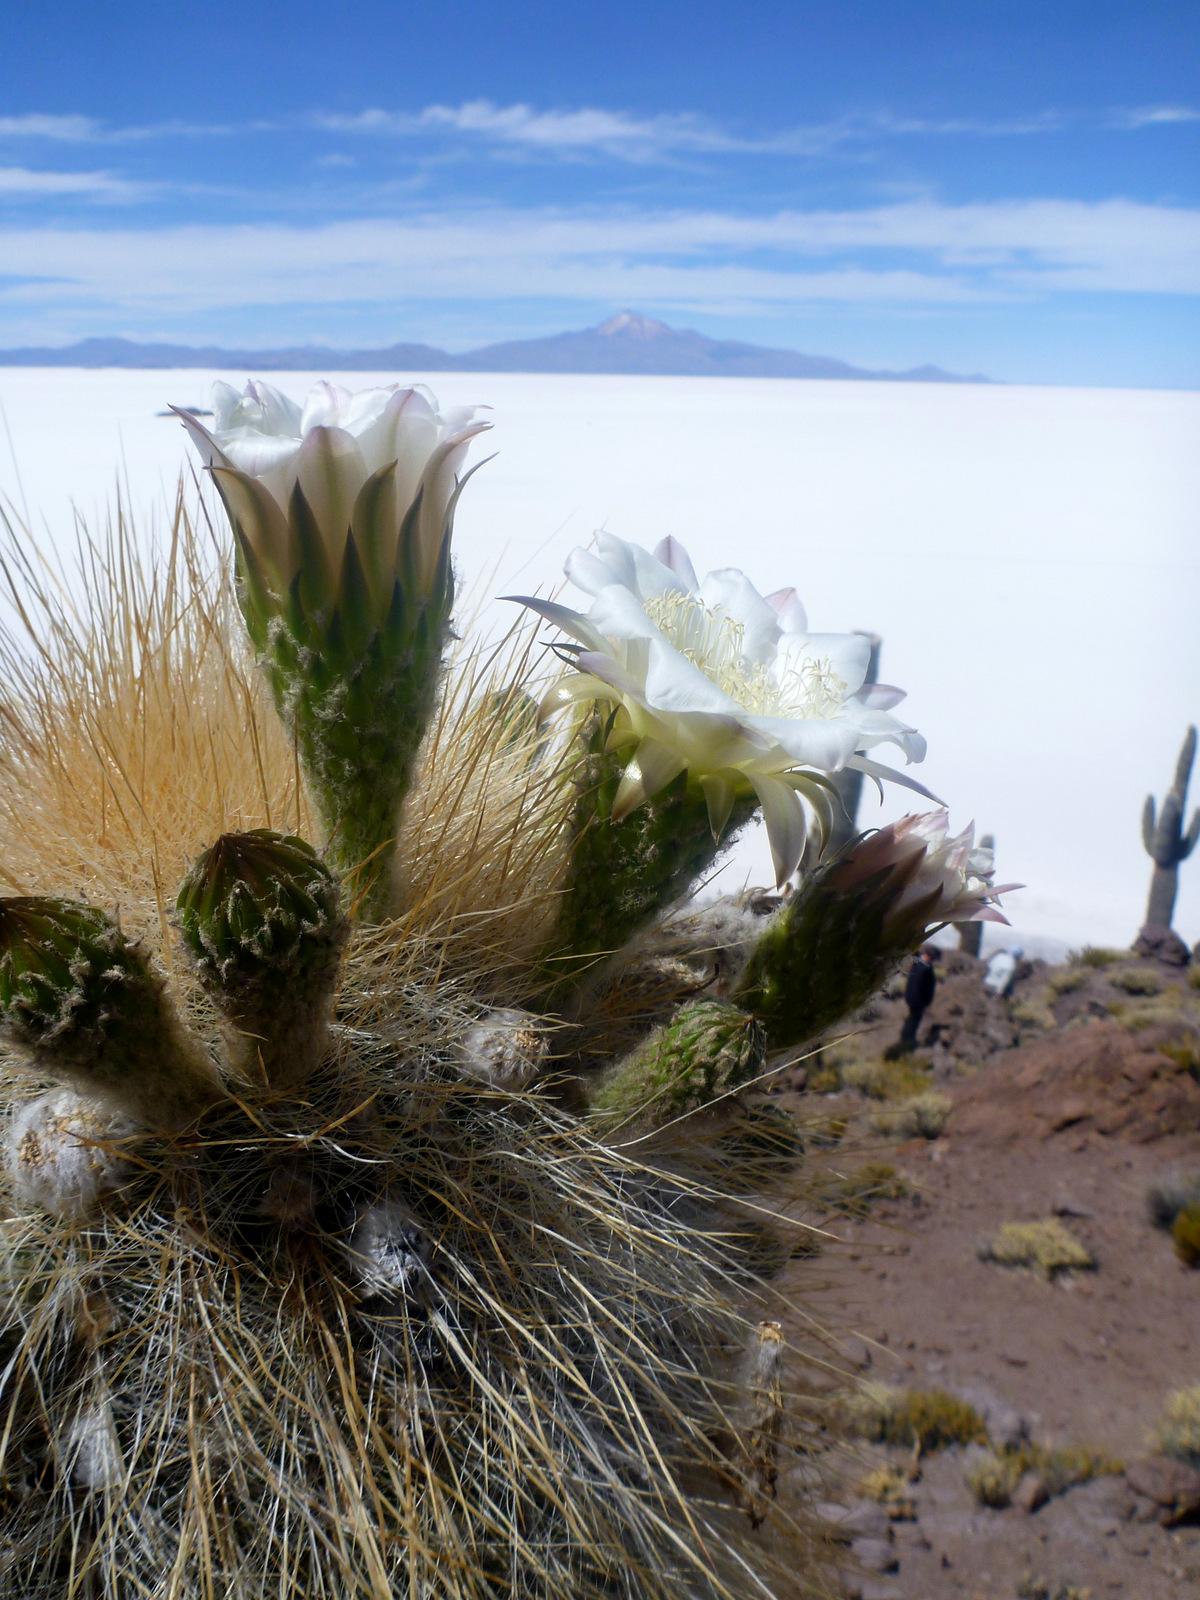 Cardon Kaktus